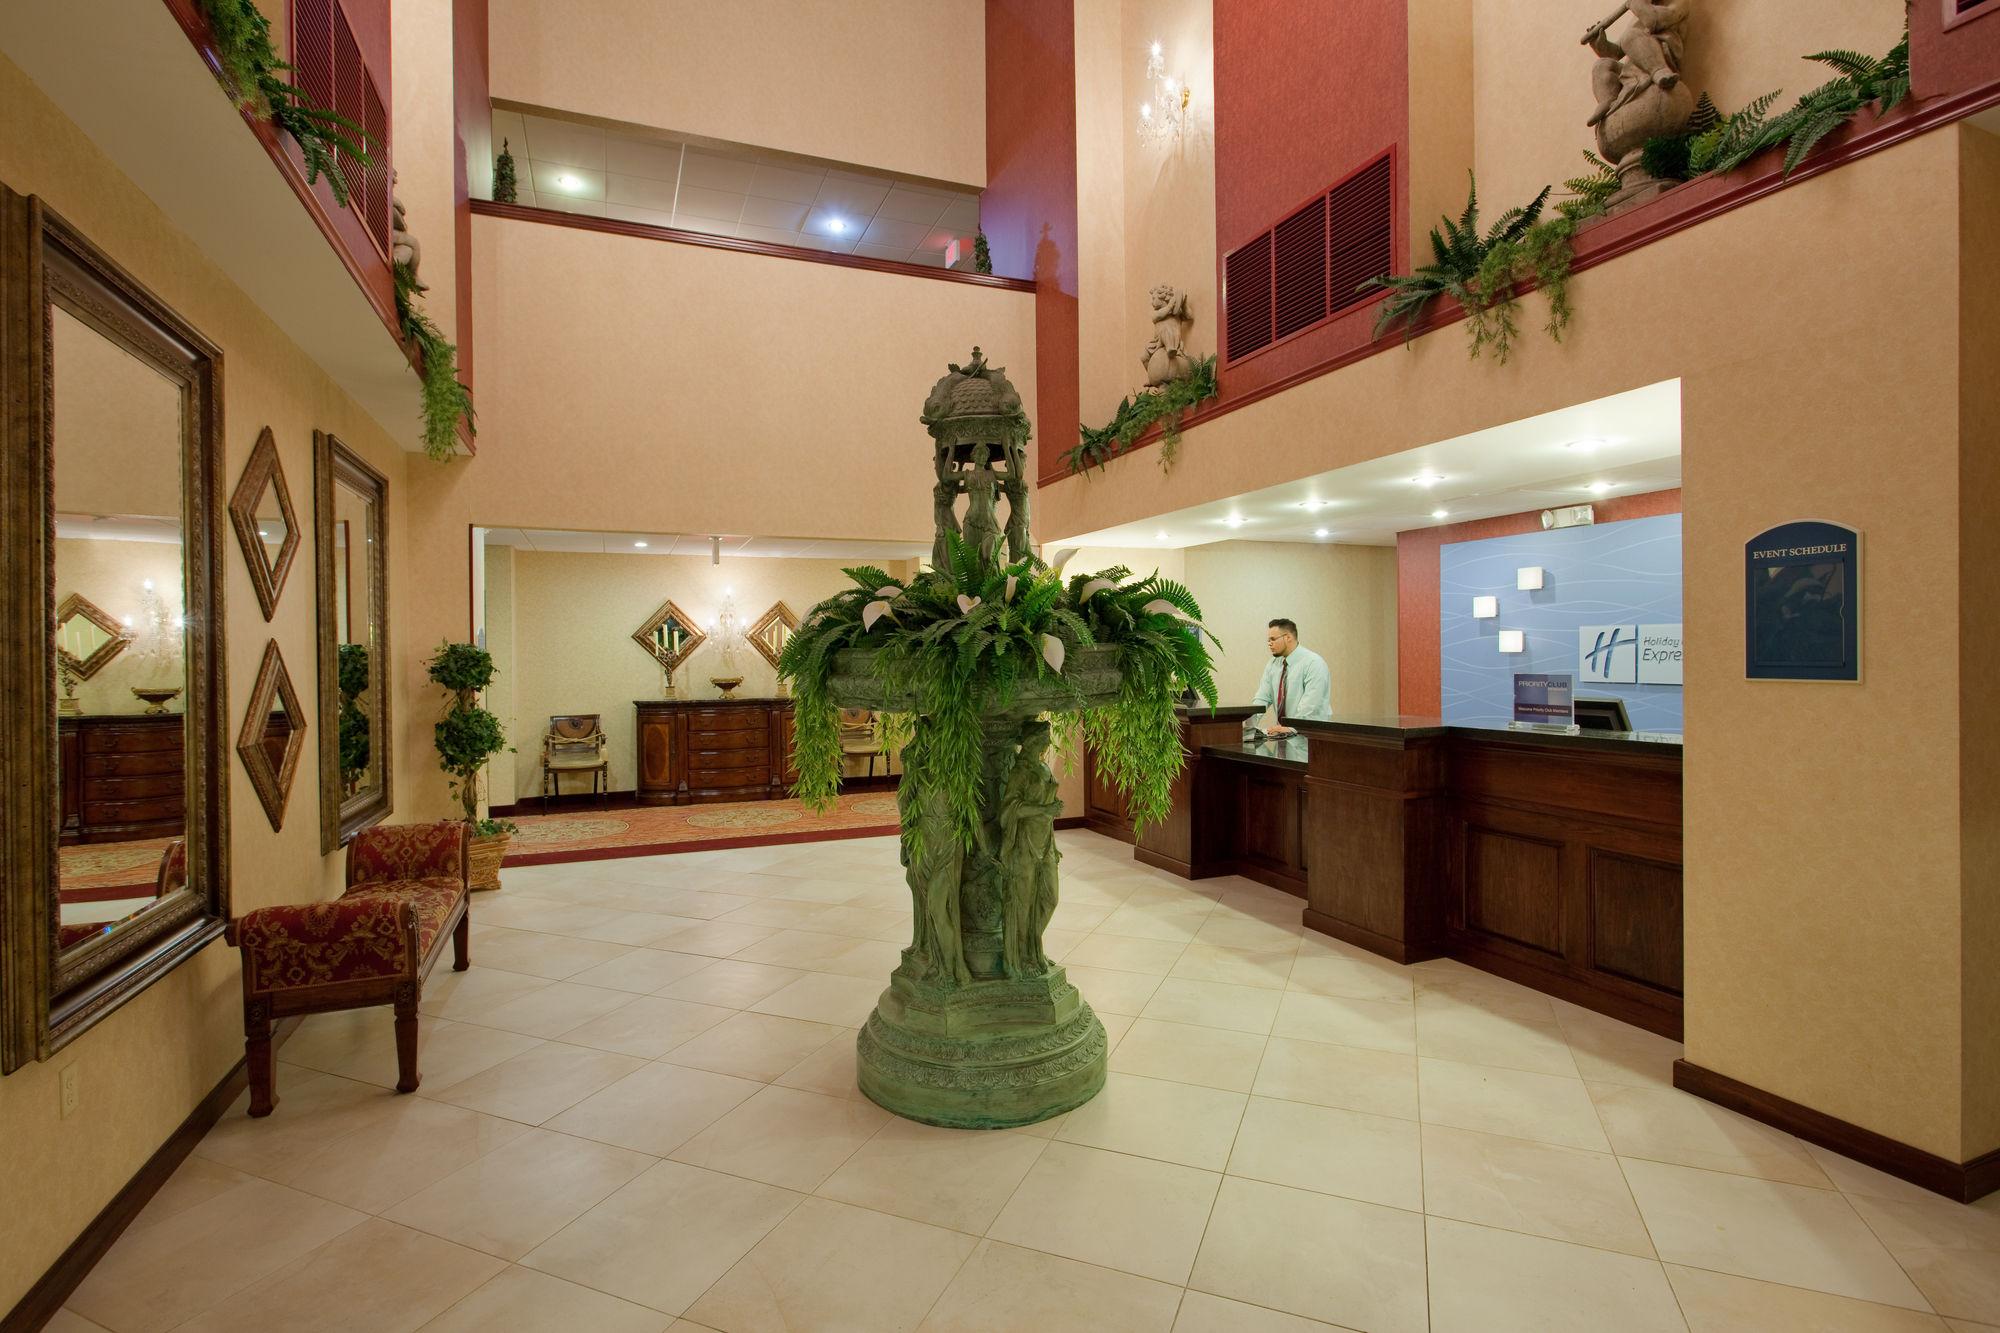 Cheap Hotels In Swansea Ma